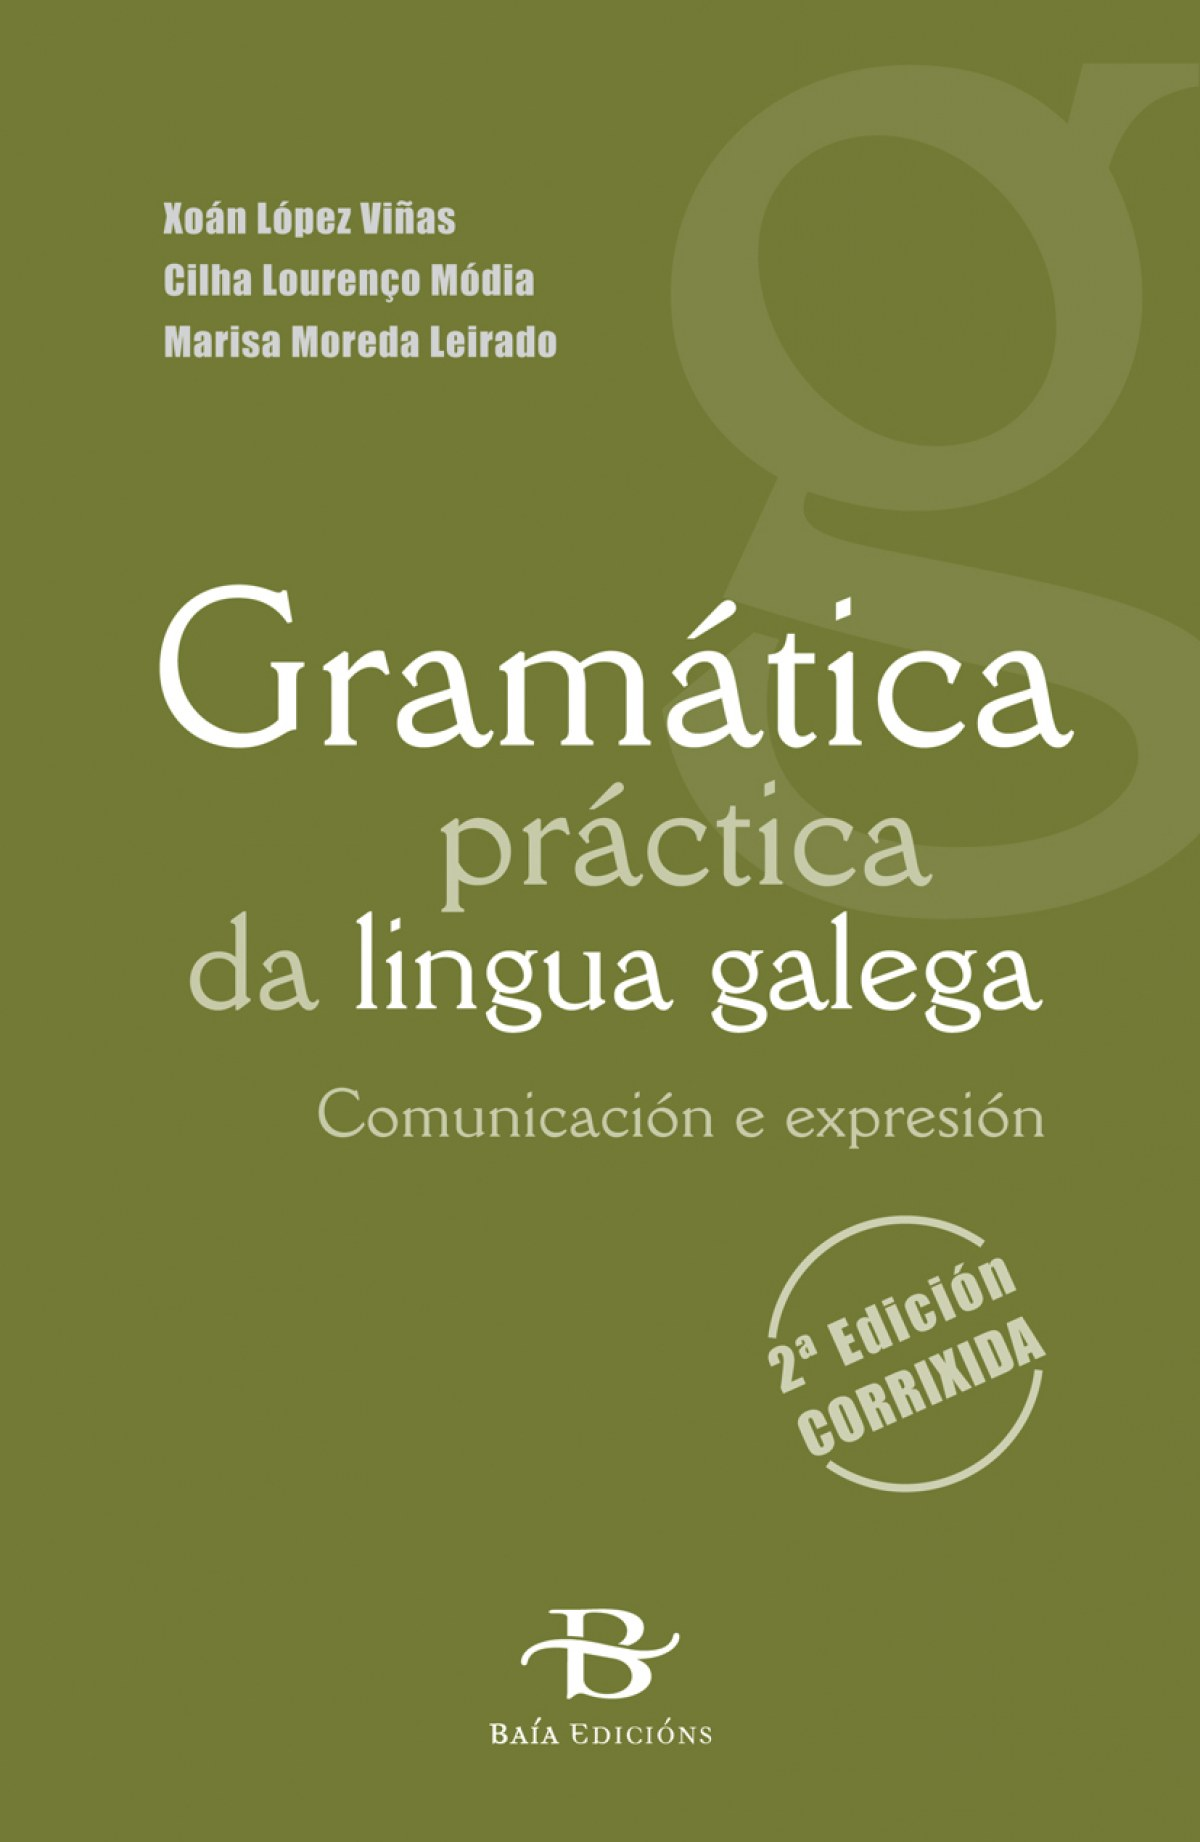 Gramática da lingua galega 9788499950068